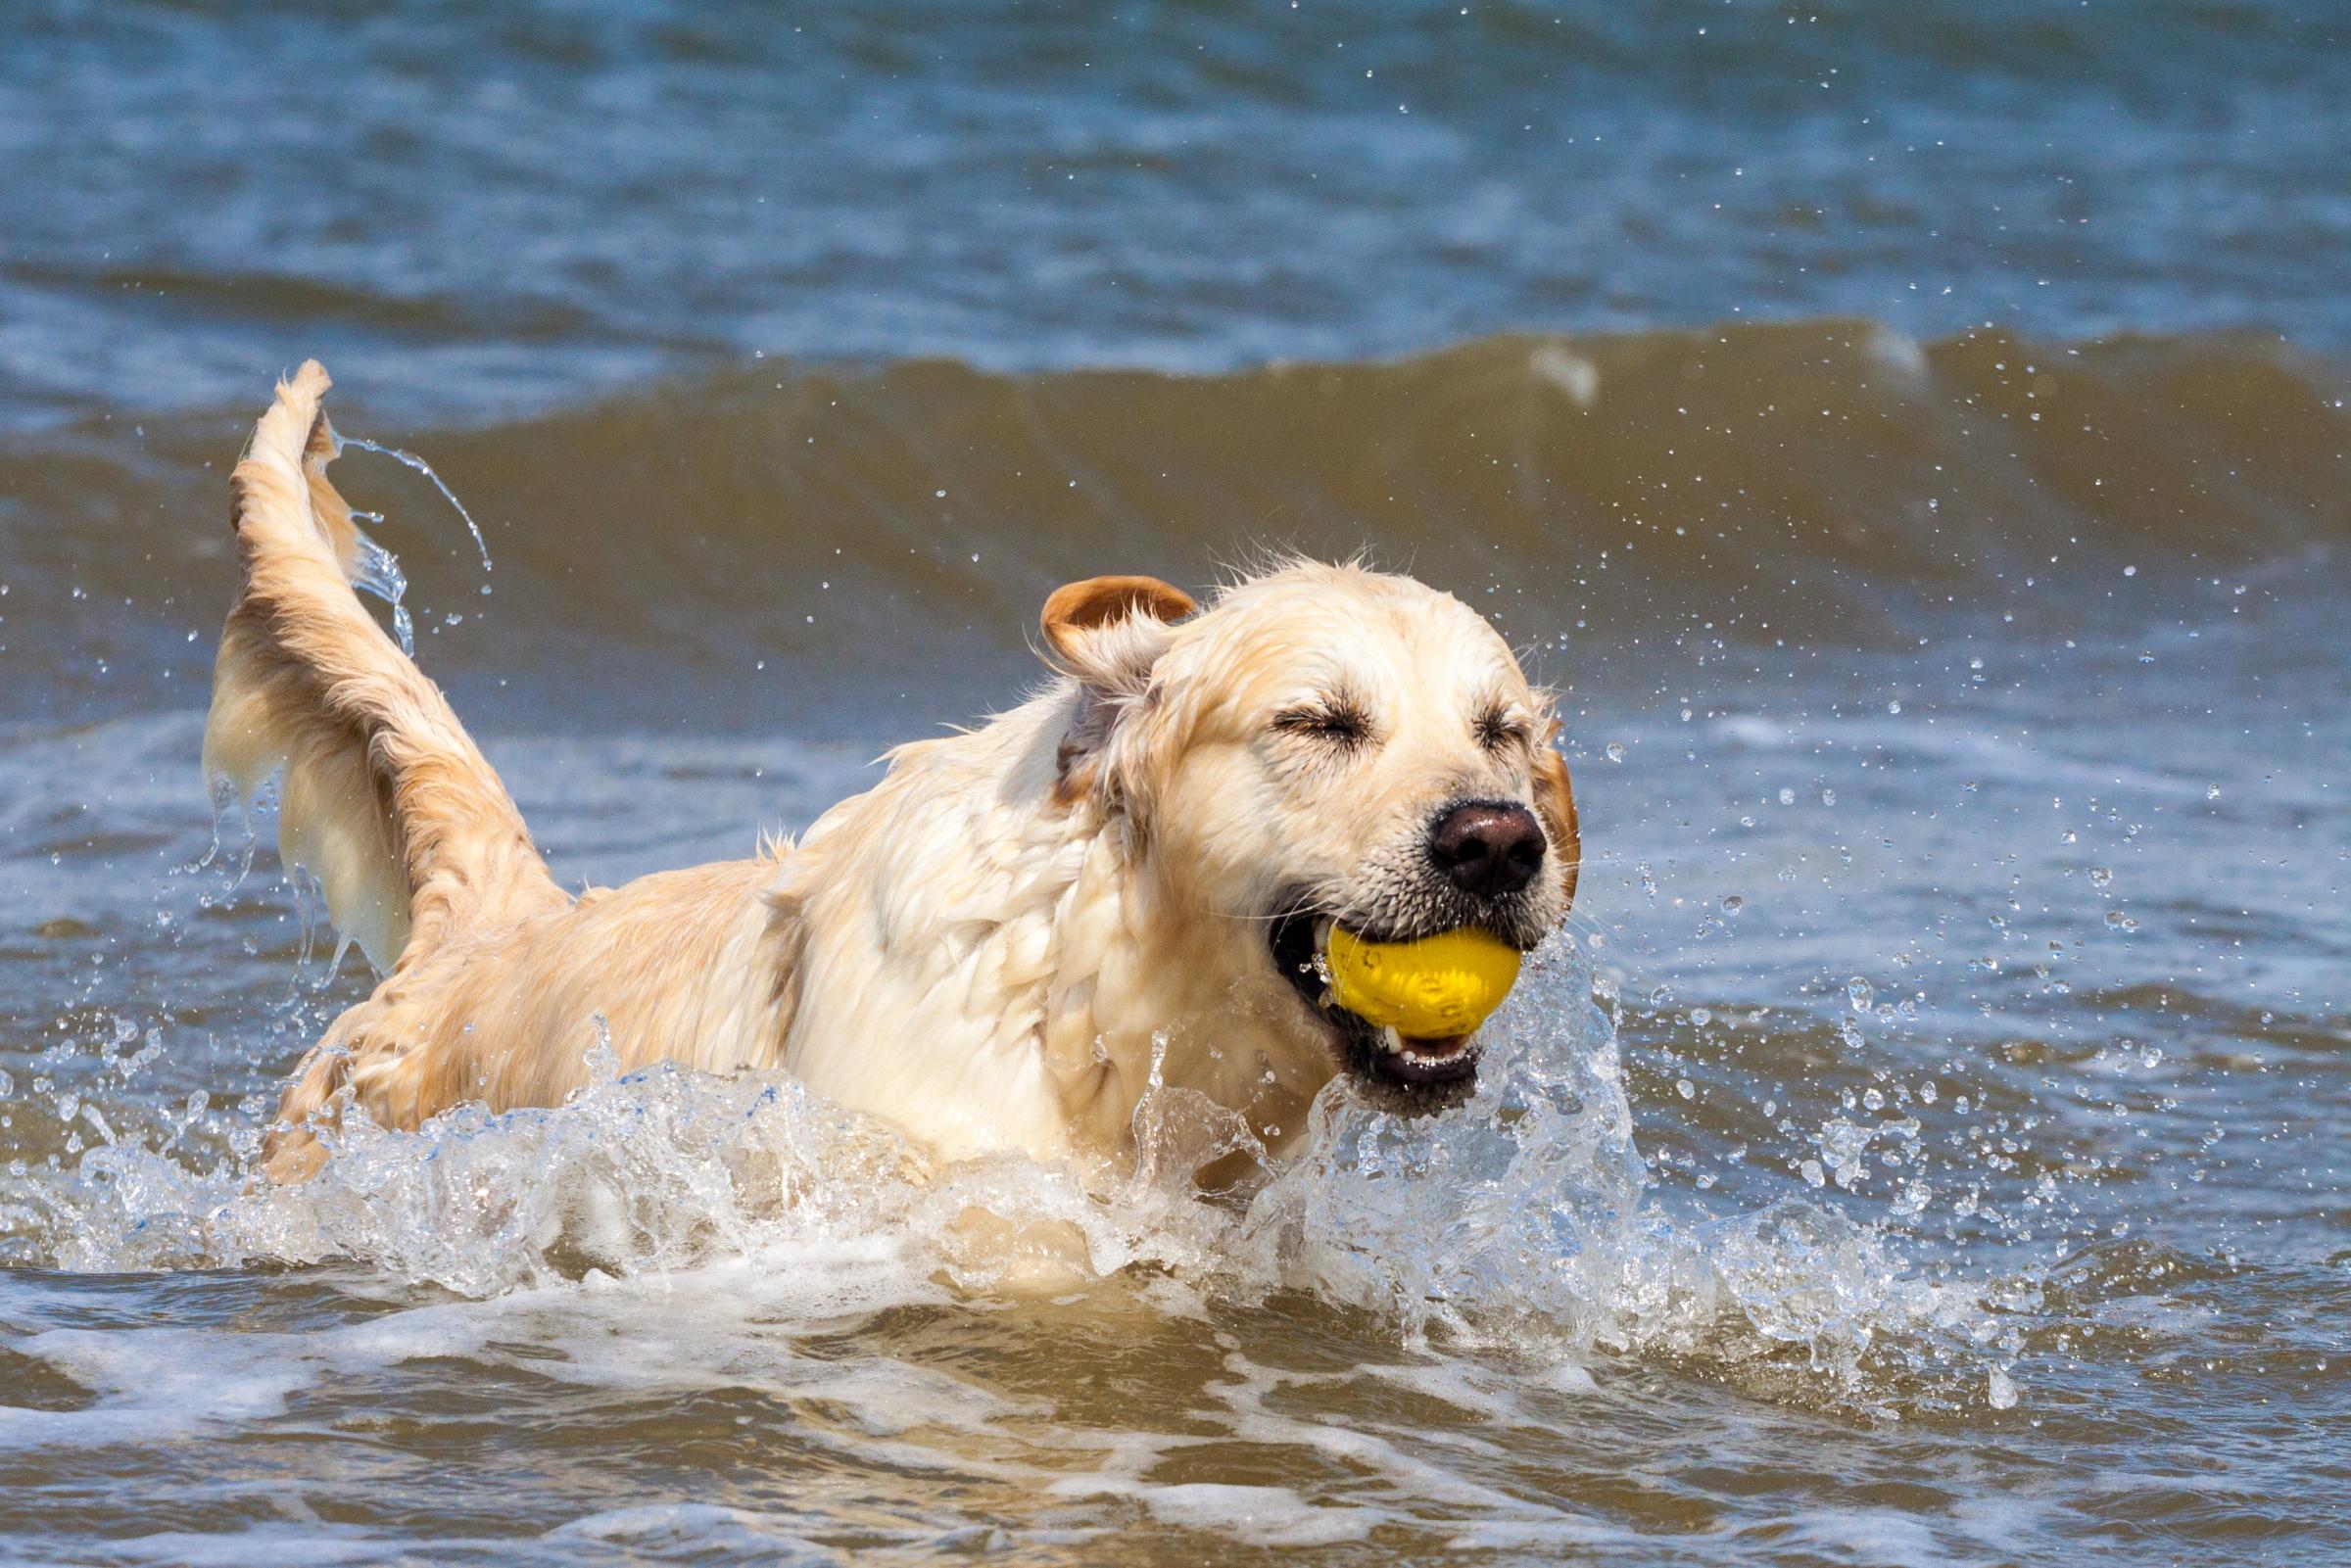 אוהבים מים ותמיד ישמחו לרוץ אחר כדור. גולדן רטריבר מדגים את התכונות האופייניות לגזעו | צילום: Shutterstock